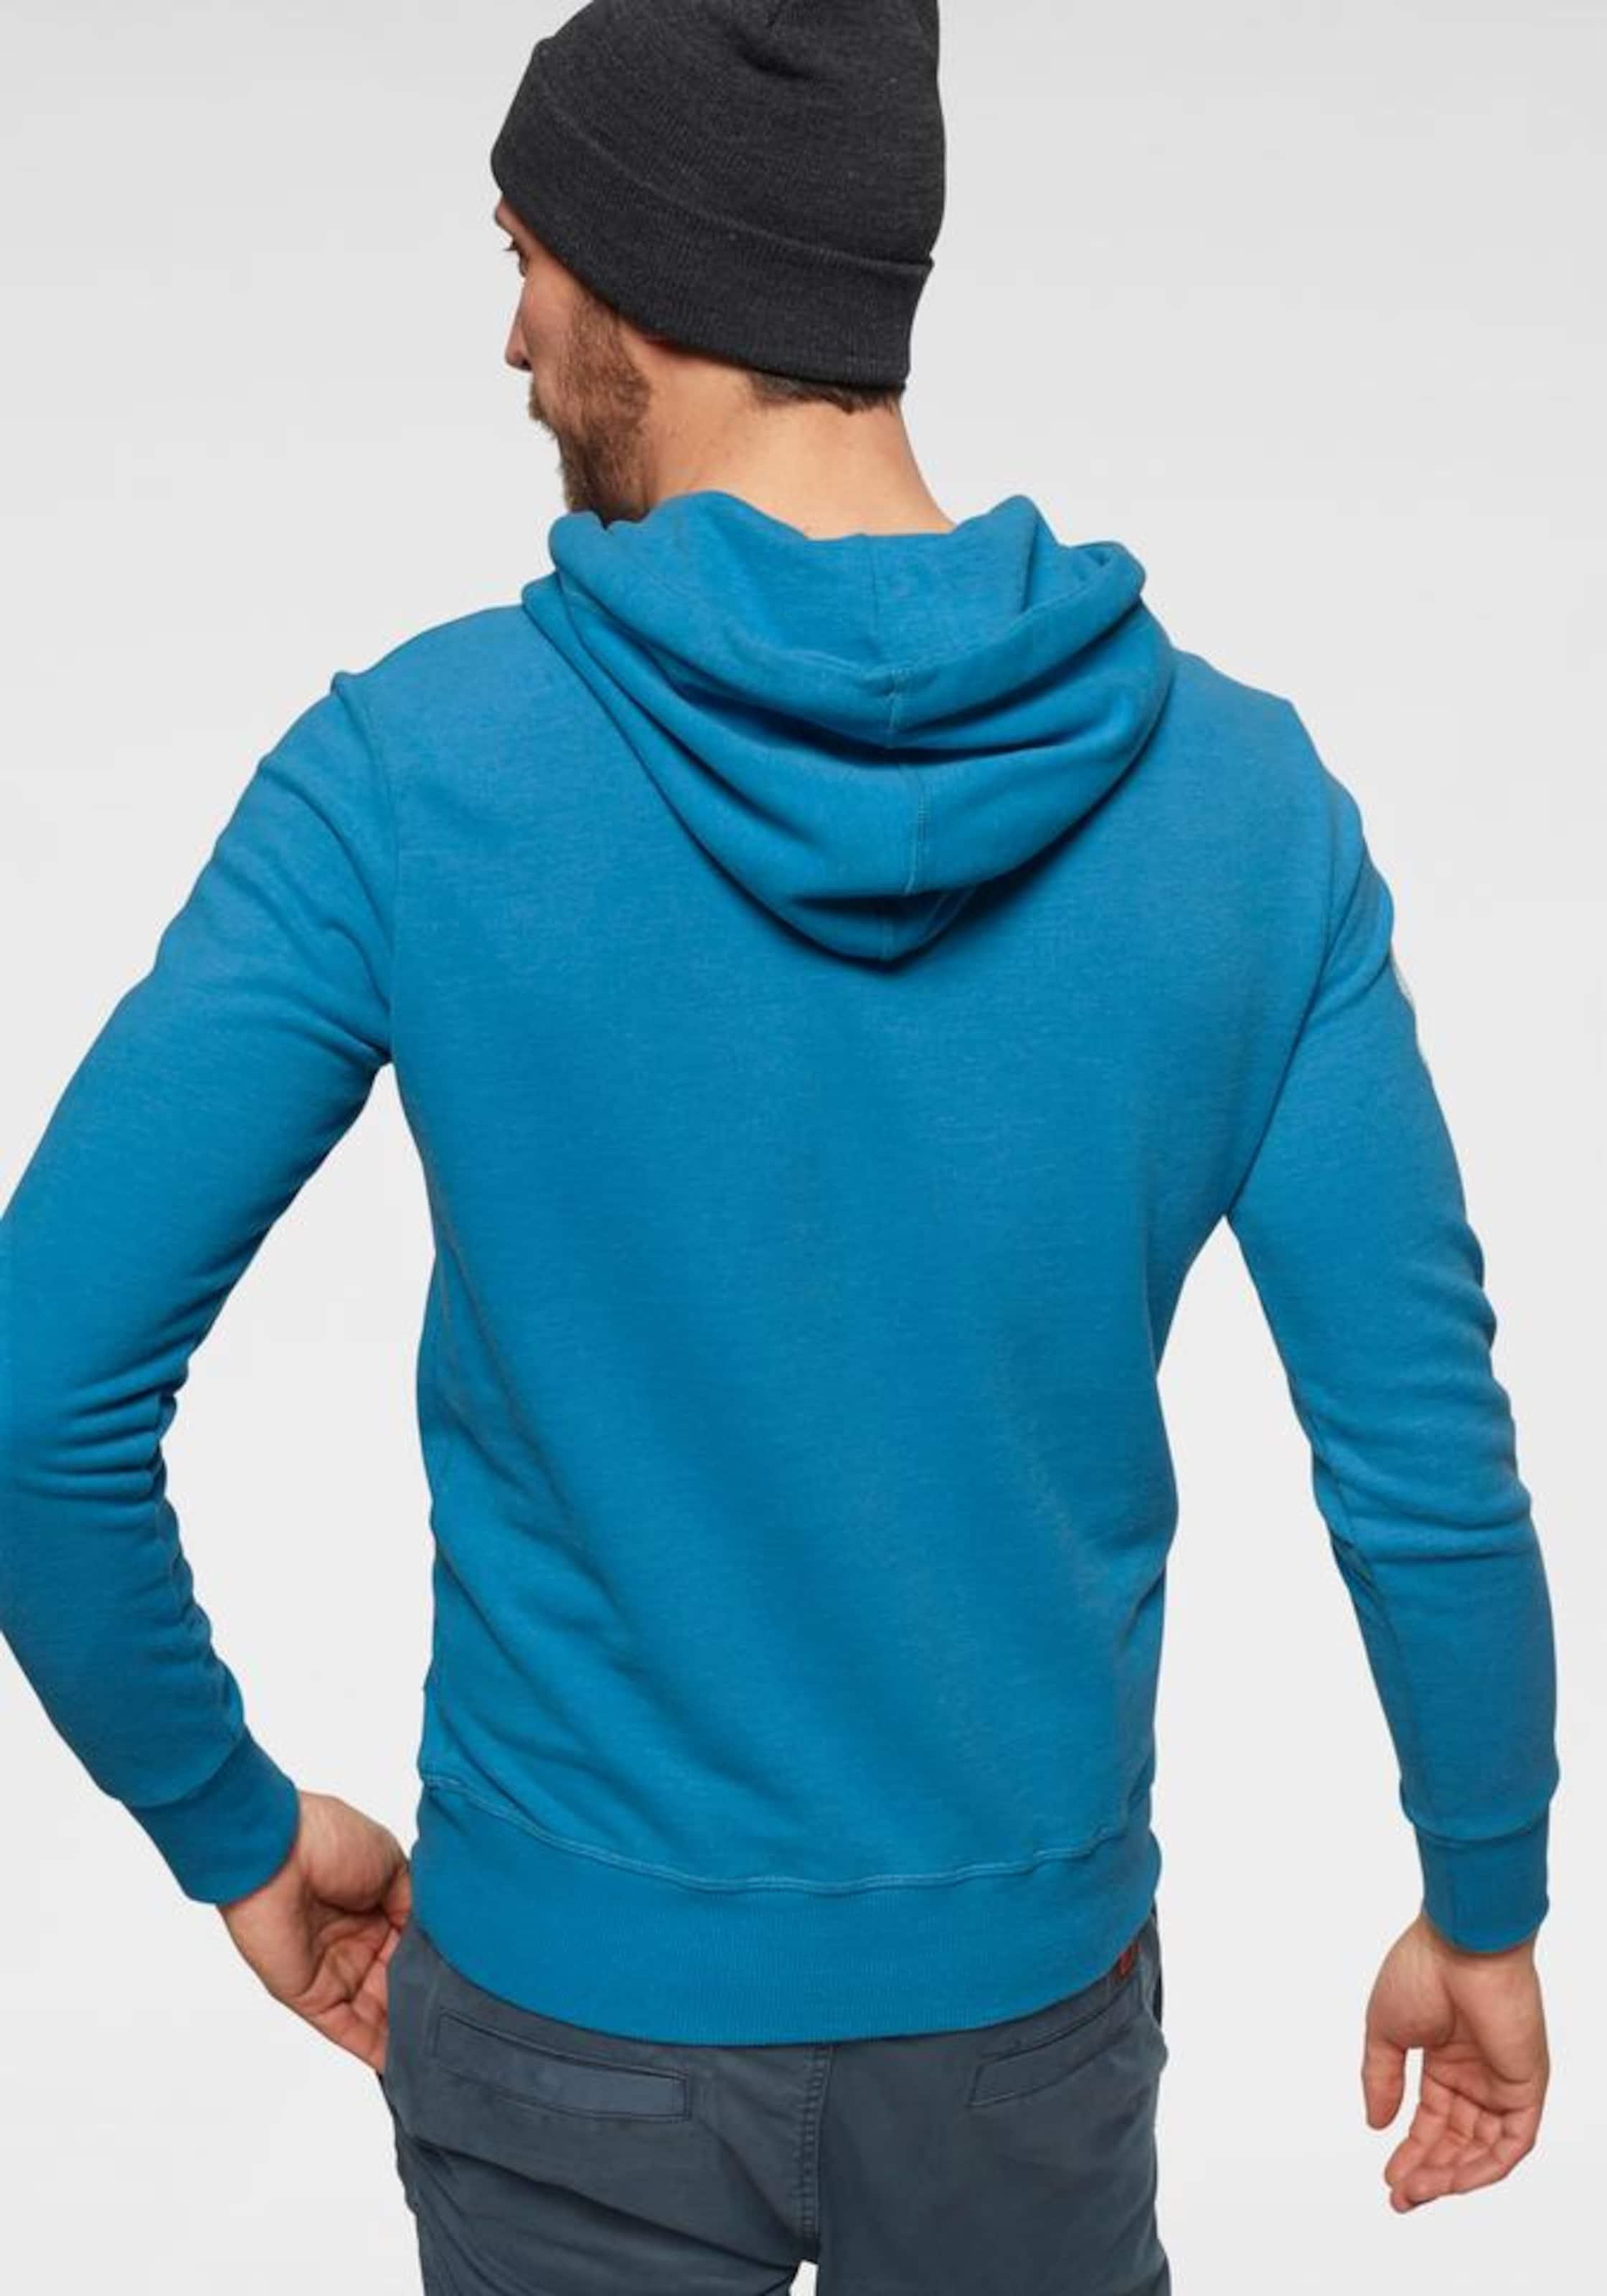 Sweatshirt In Superdry HellblauKoralle Weiß Superdry Superdry In Sweatshirt HellblauKoralle Weiß rBCxdoe